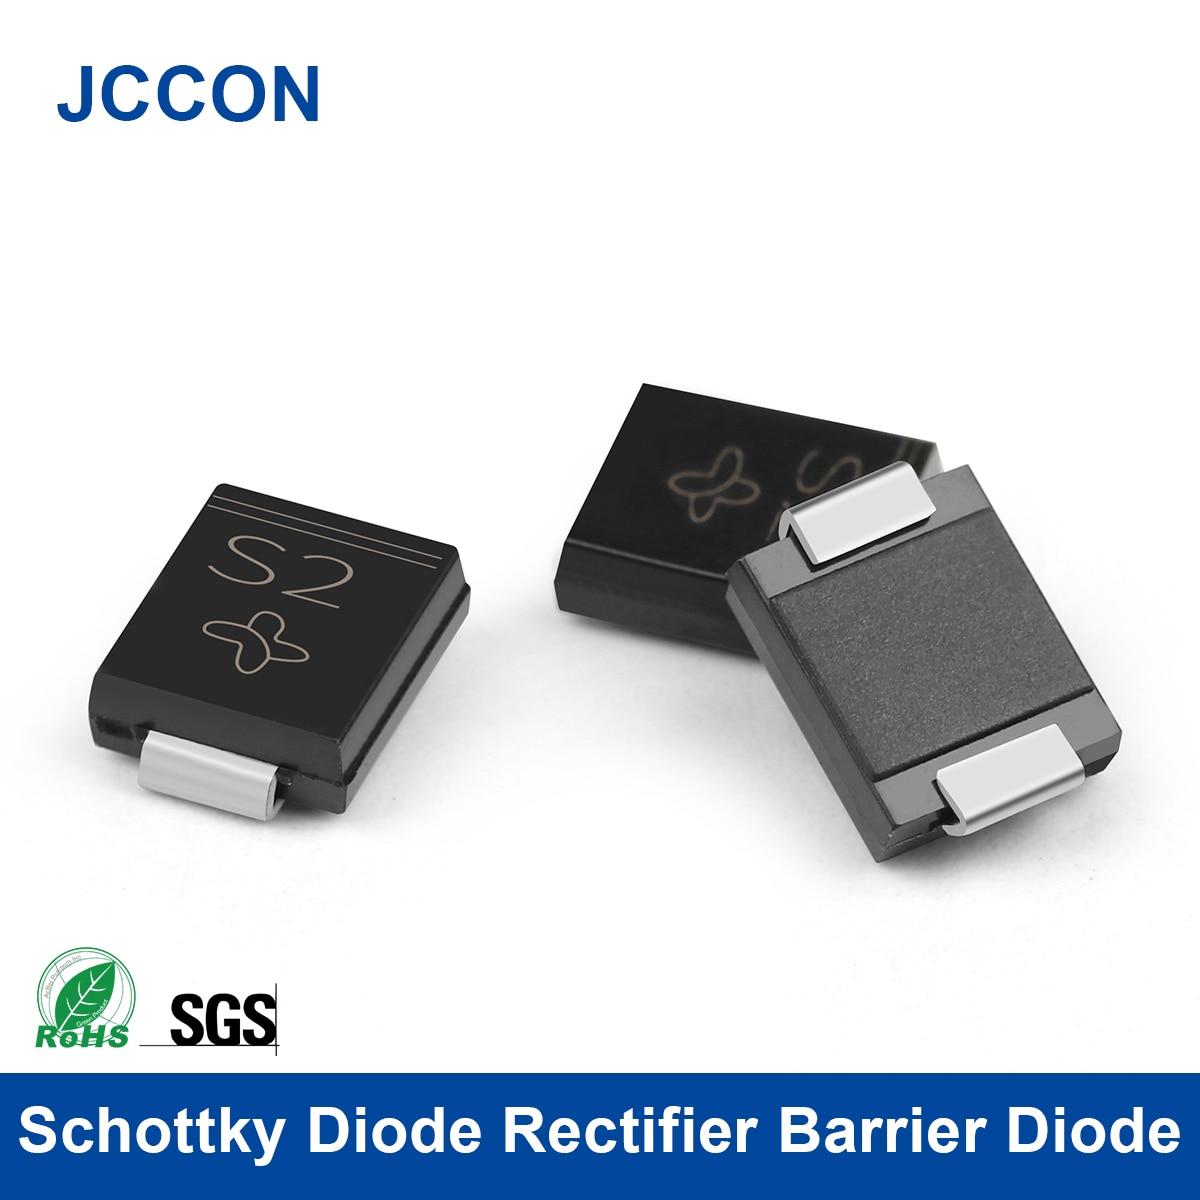 Диодный выпрямитель Schottky, Барьерный Диод SMA SMB SMC SS12 SS14 SS16 SS18 SS24 SS26 SS32 SS34 SS54 SS56, 20 шт.